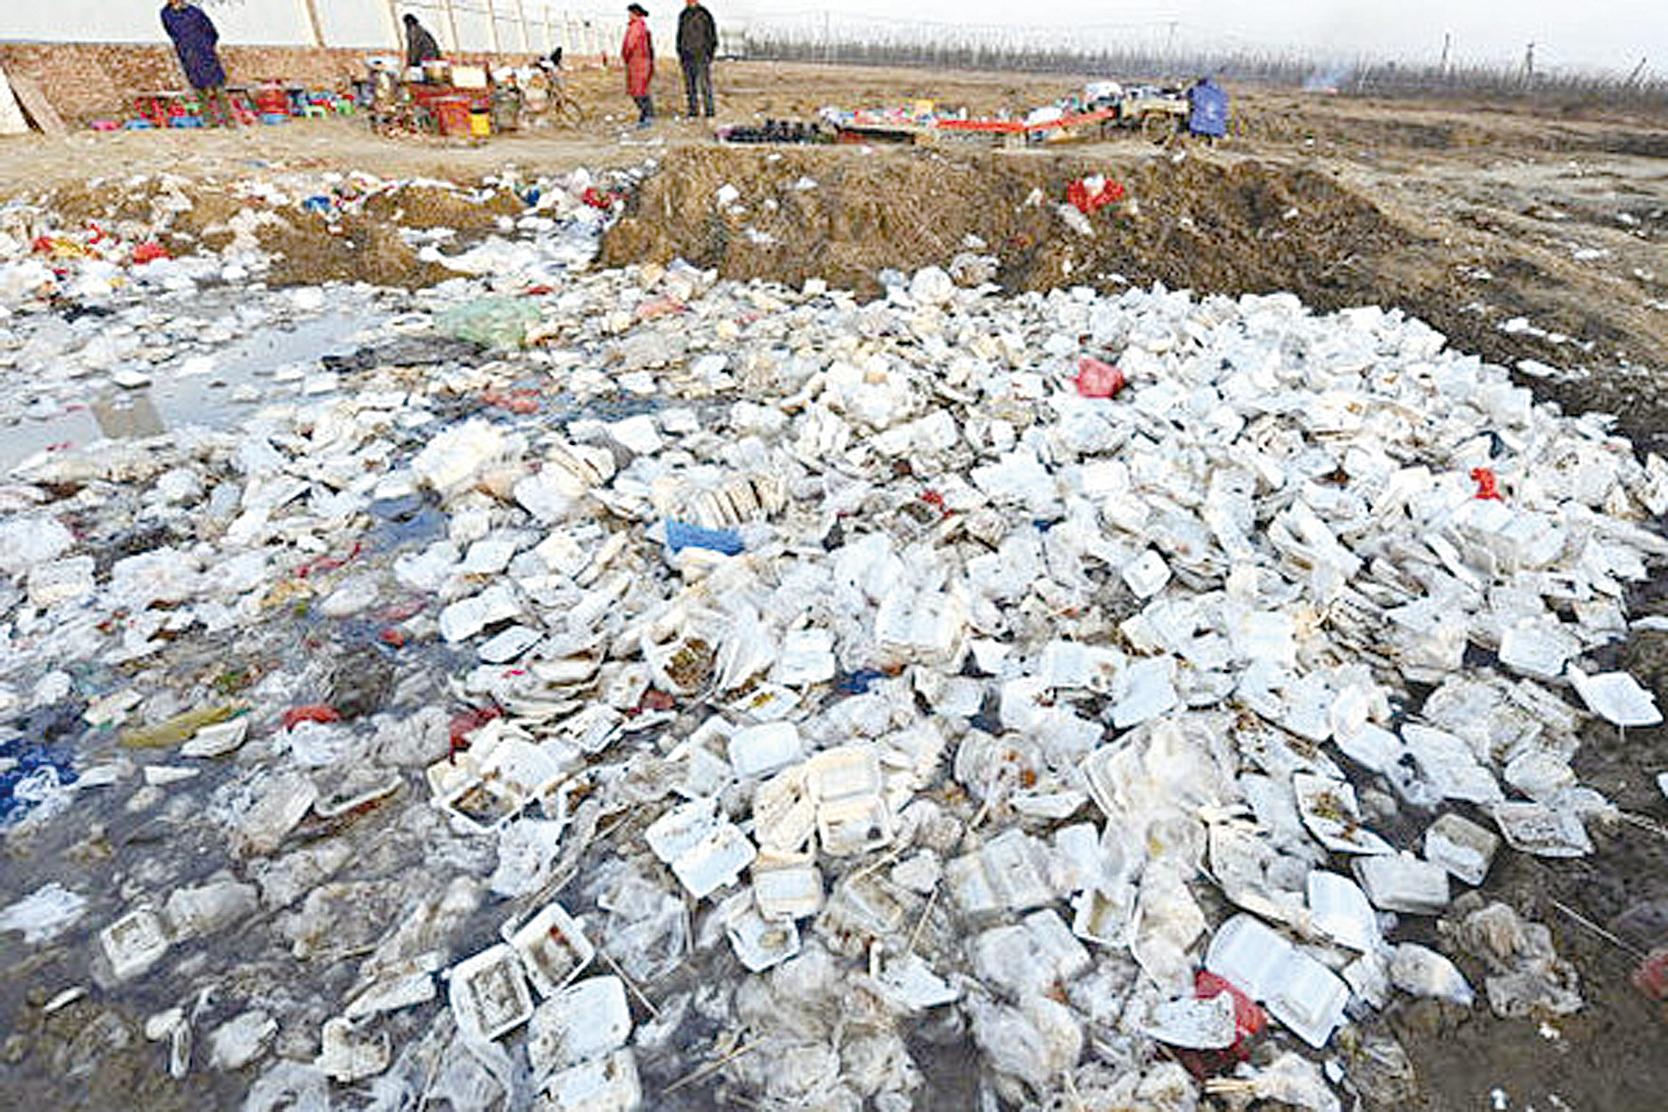 現在中國面臨的新環境問題是城市垃圾處理問題,而垃圾焚燒無法解決根本問題,只會斷送中國生態的未來。圖為安徽合肥一個建築工地附近的塑料飯盒垃圾。(Getty Images)